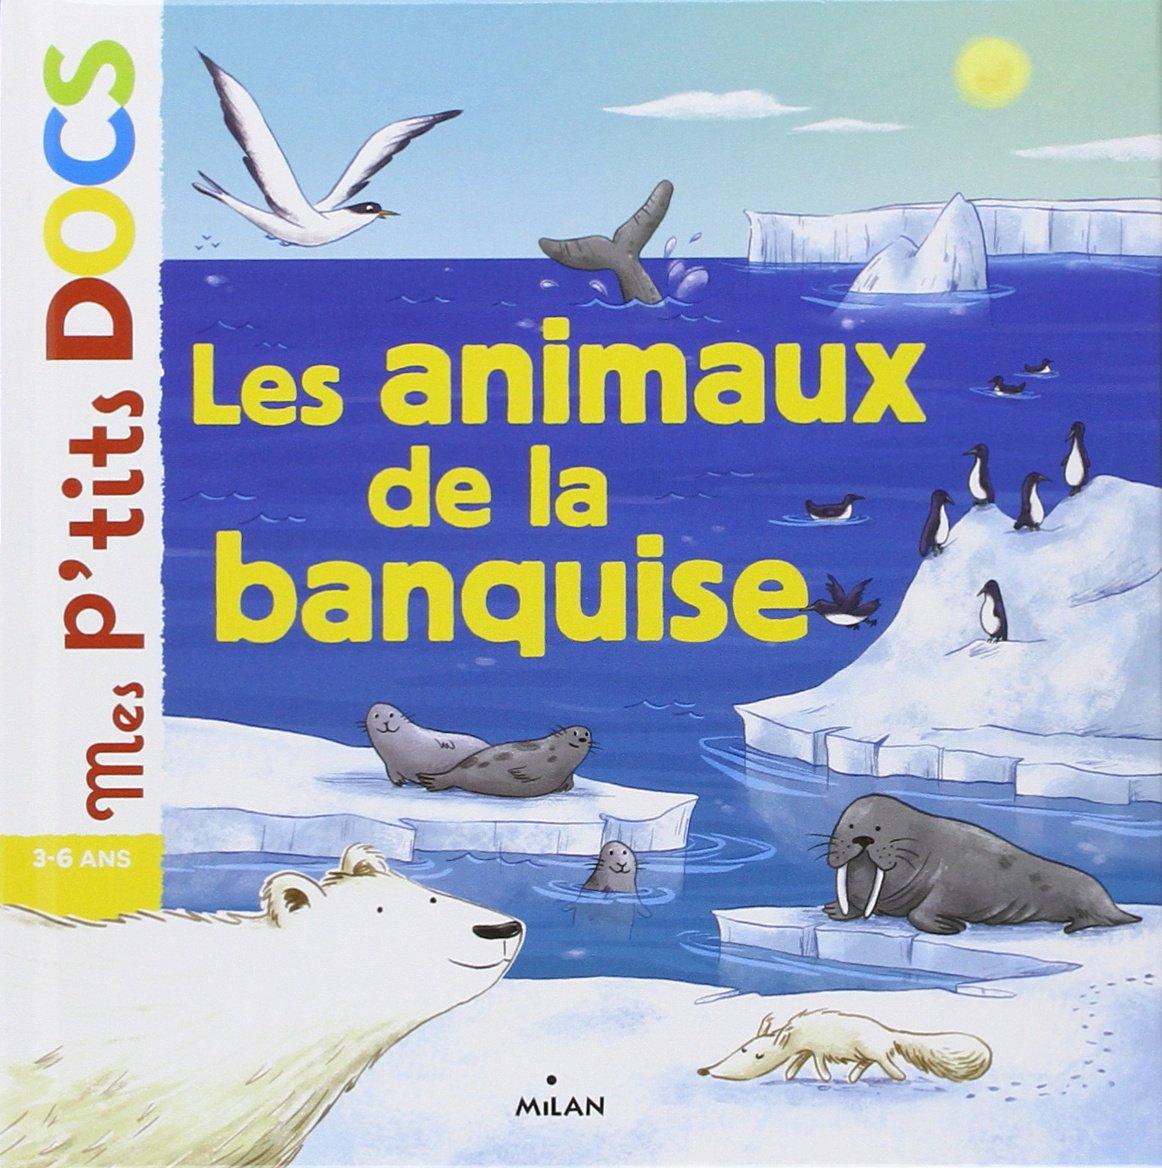 Les animaux de la banquise Album – 21 février 2008 Charles Perrault Editions Milan 2745931393 TL2745931393